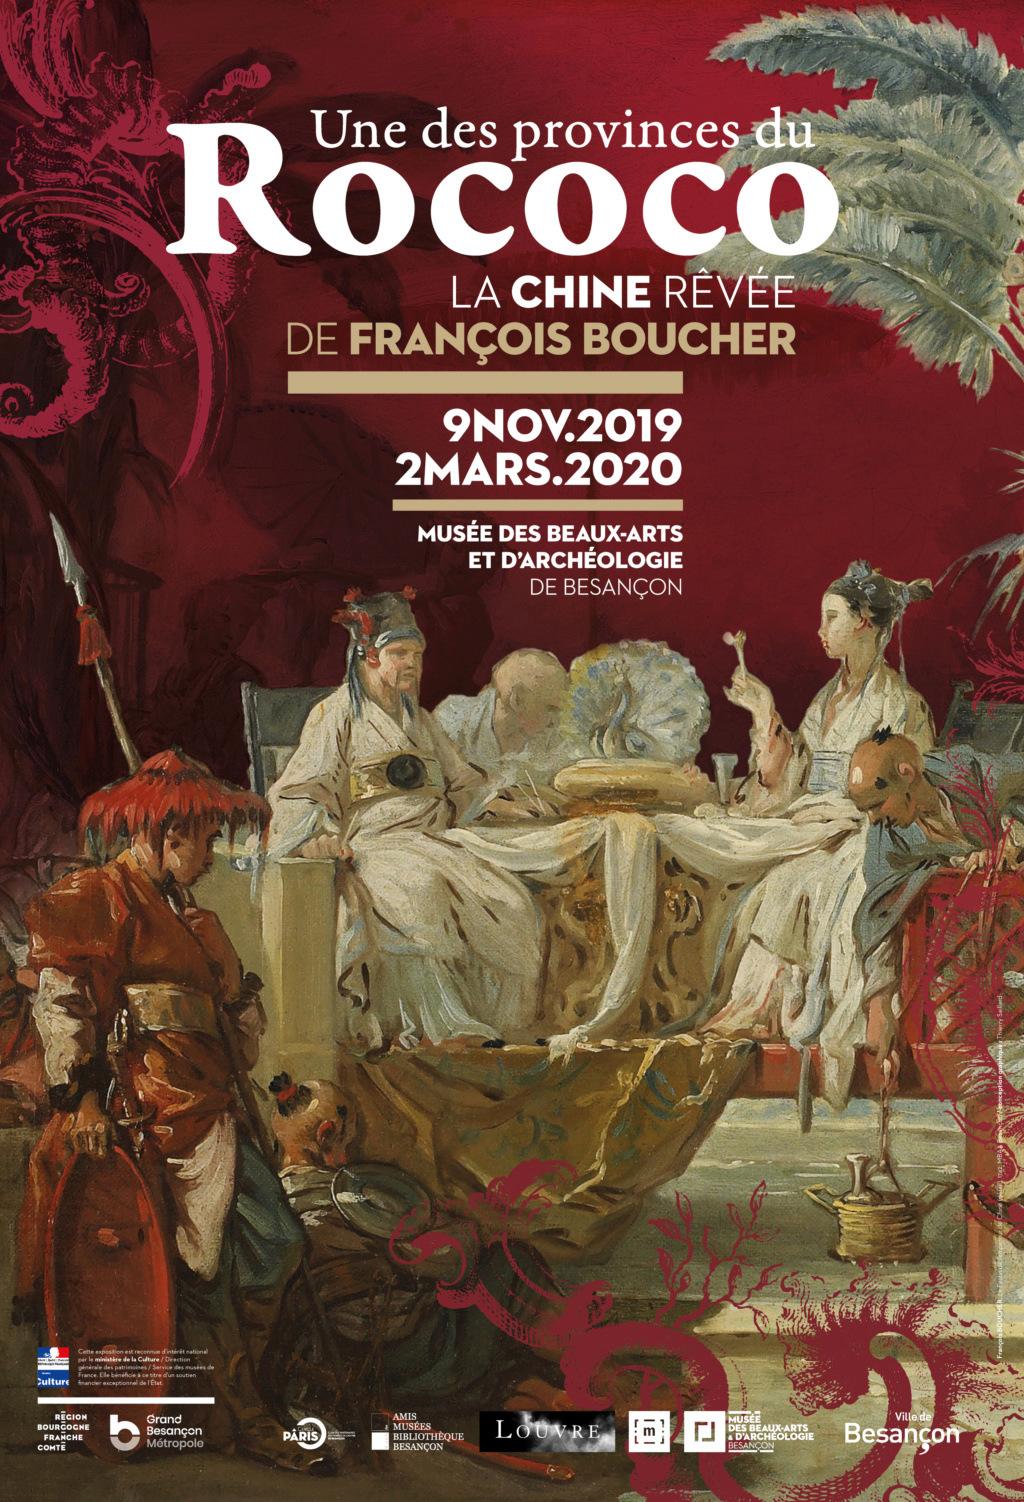 Exposition : Une des provinces du Rococo, la Chine rêvée de François Boucher (MBAA de Besançon) Decaux10